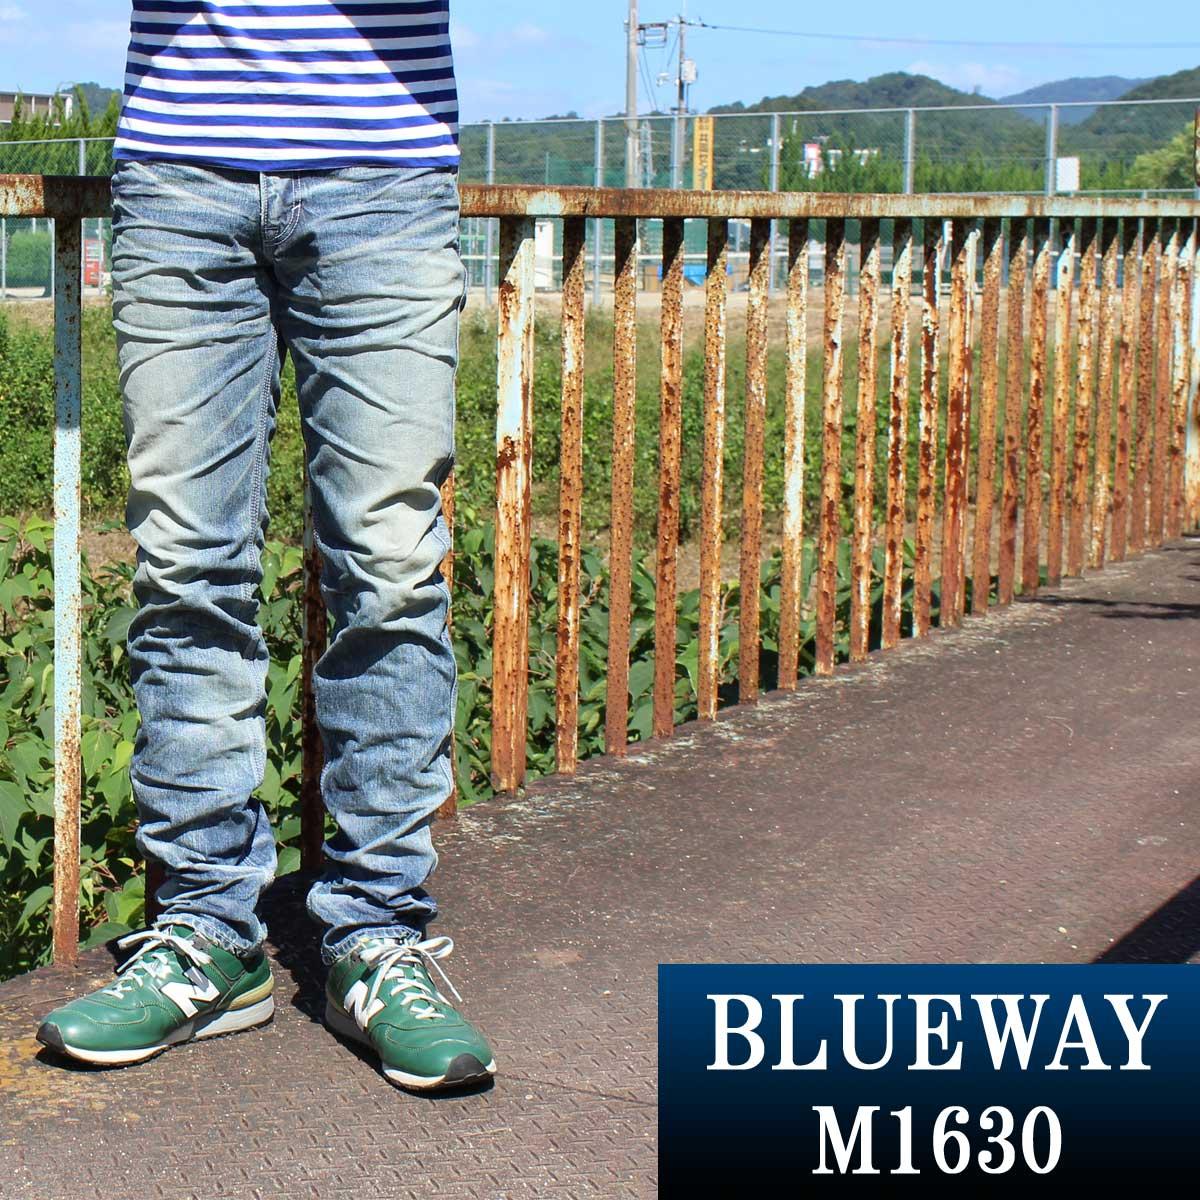 BLUEWAY:ビンテージデニム・エンジニアインカットジーンズ(シェーバーフェード):M1630-5705 ブルーウェイ ジーンズ メンズ デニム ジーパン 裾上げ